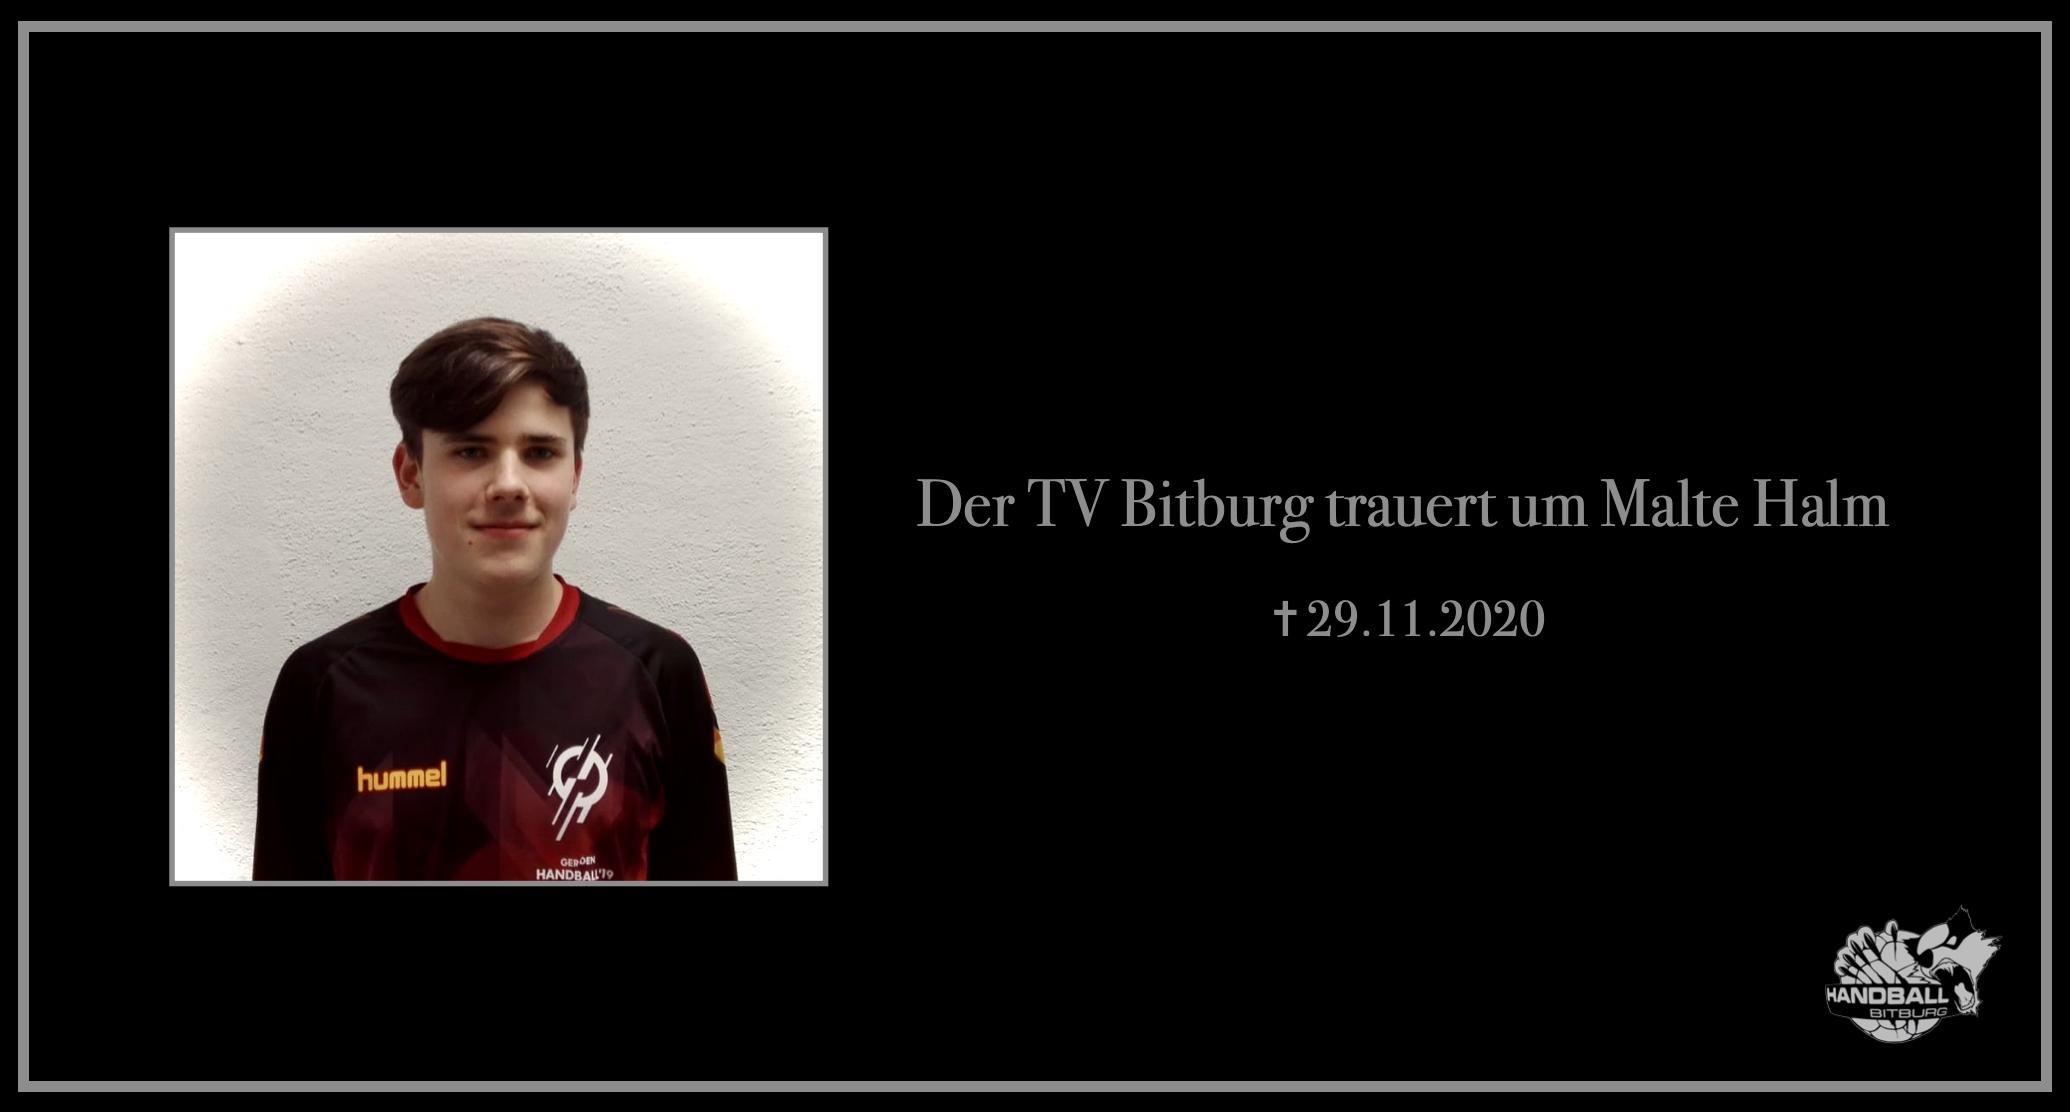 Der TV Bitburg trauert um  Malte Halm